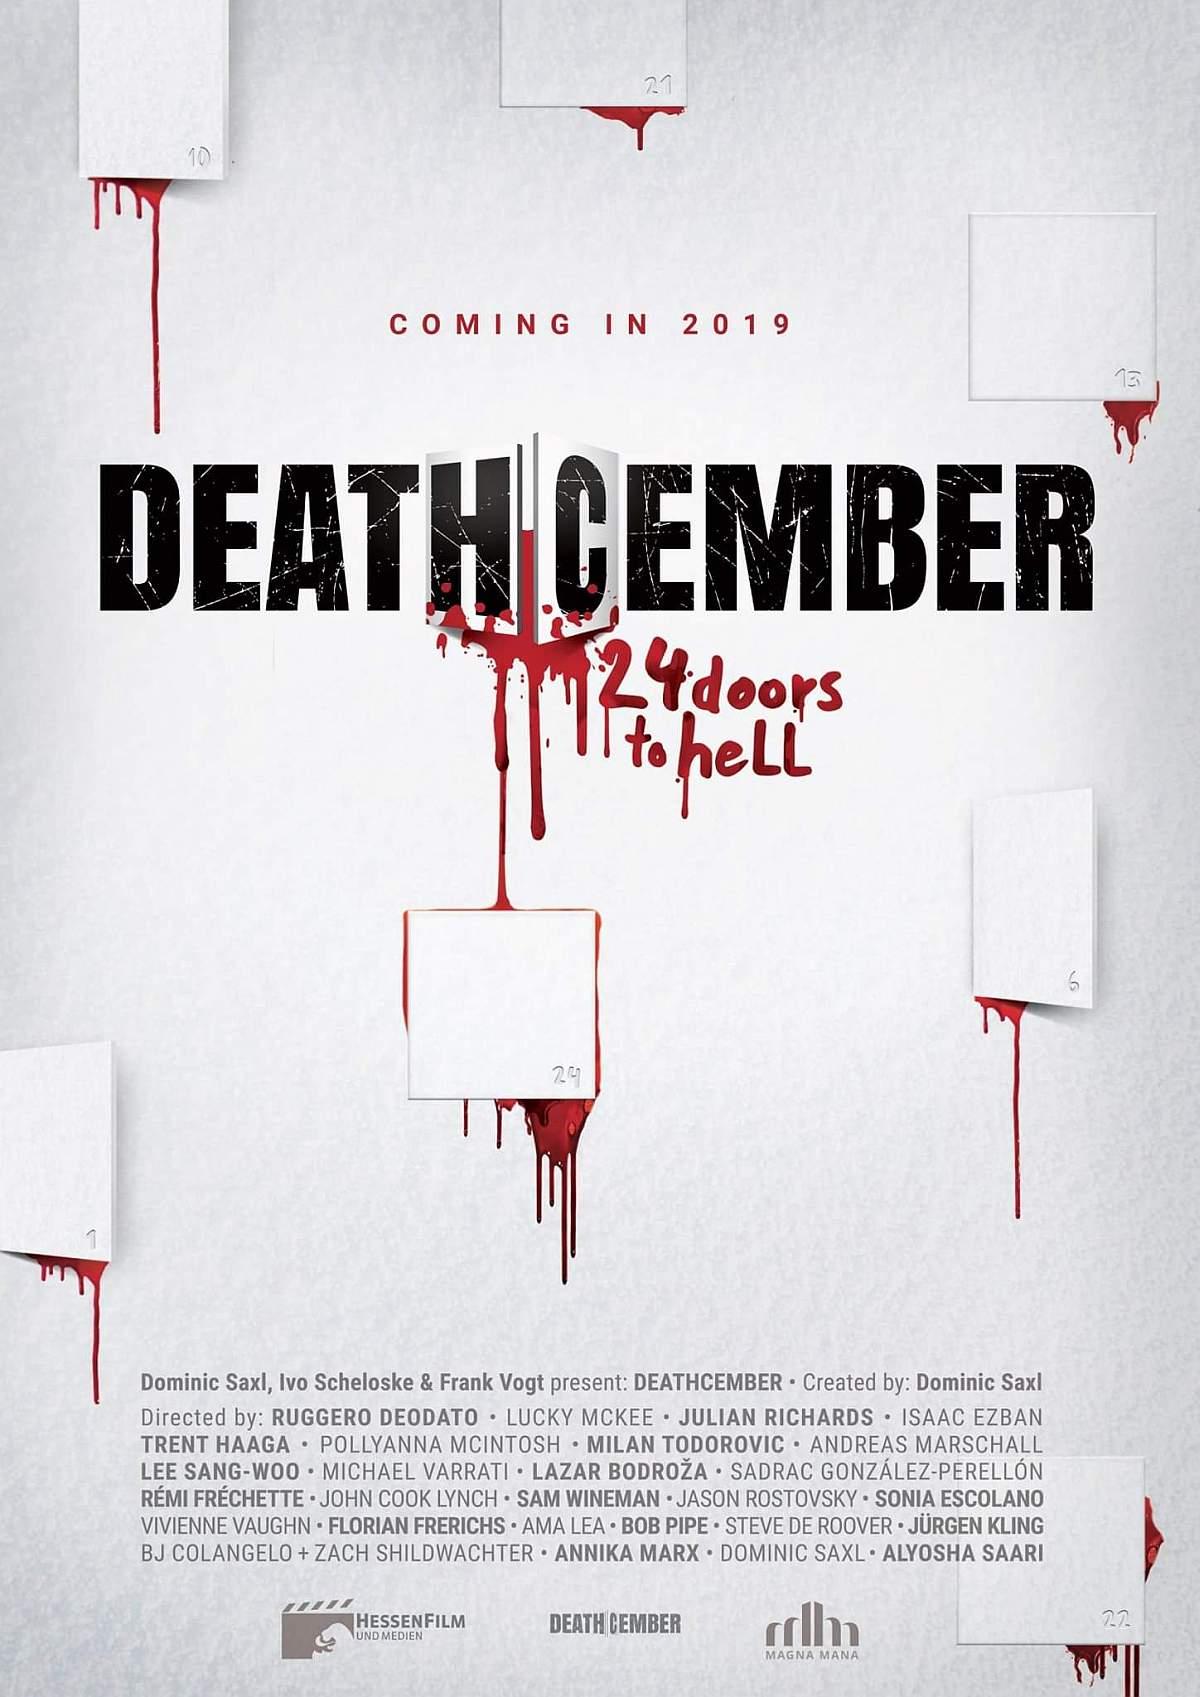 Deathcember